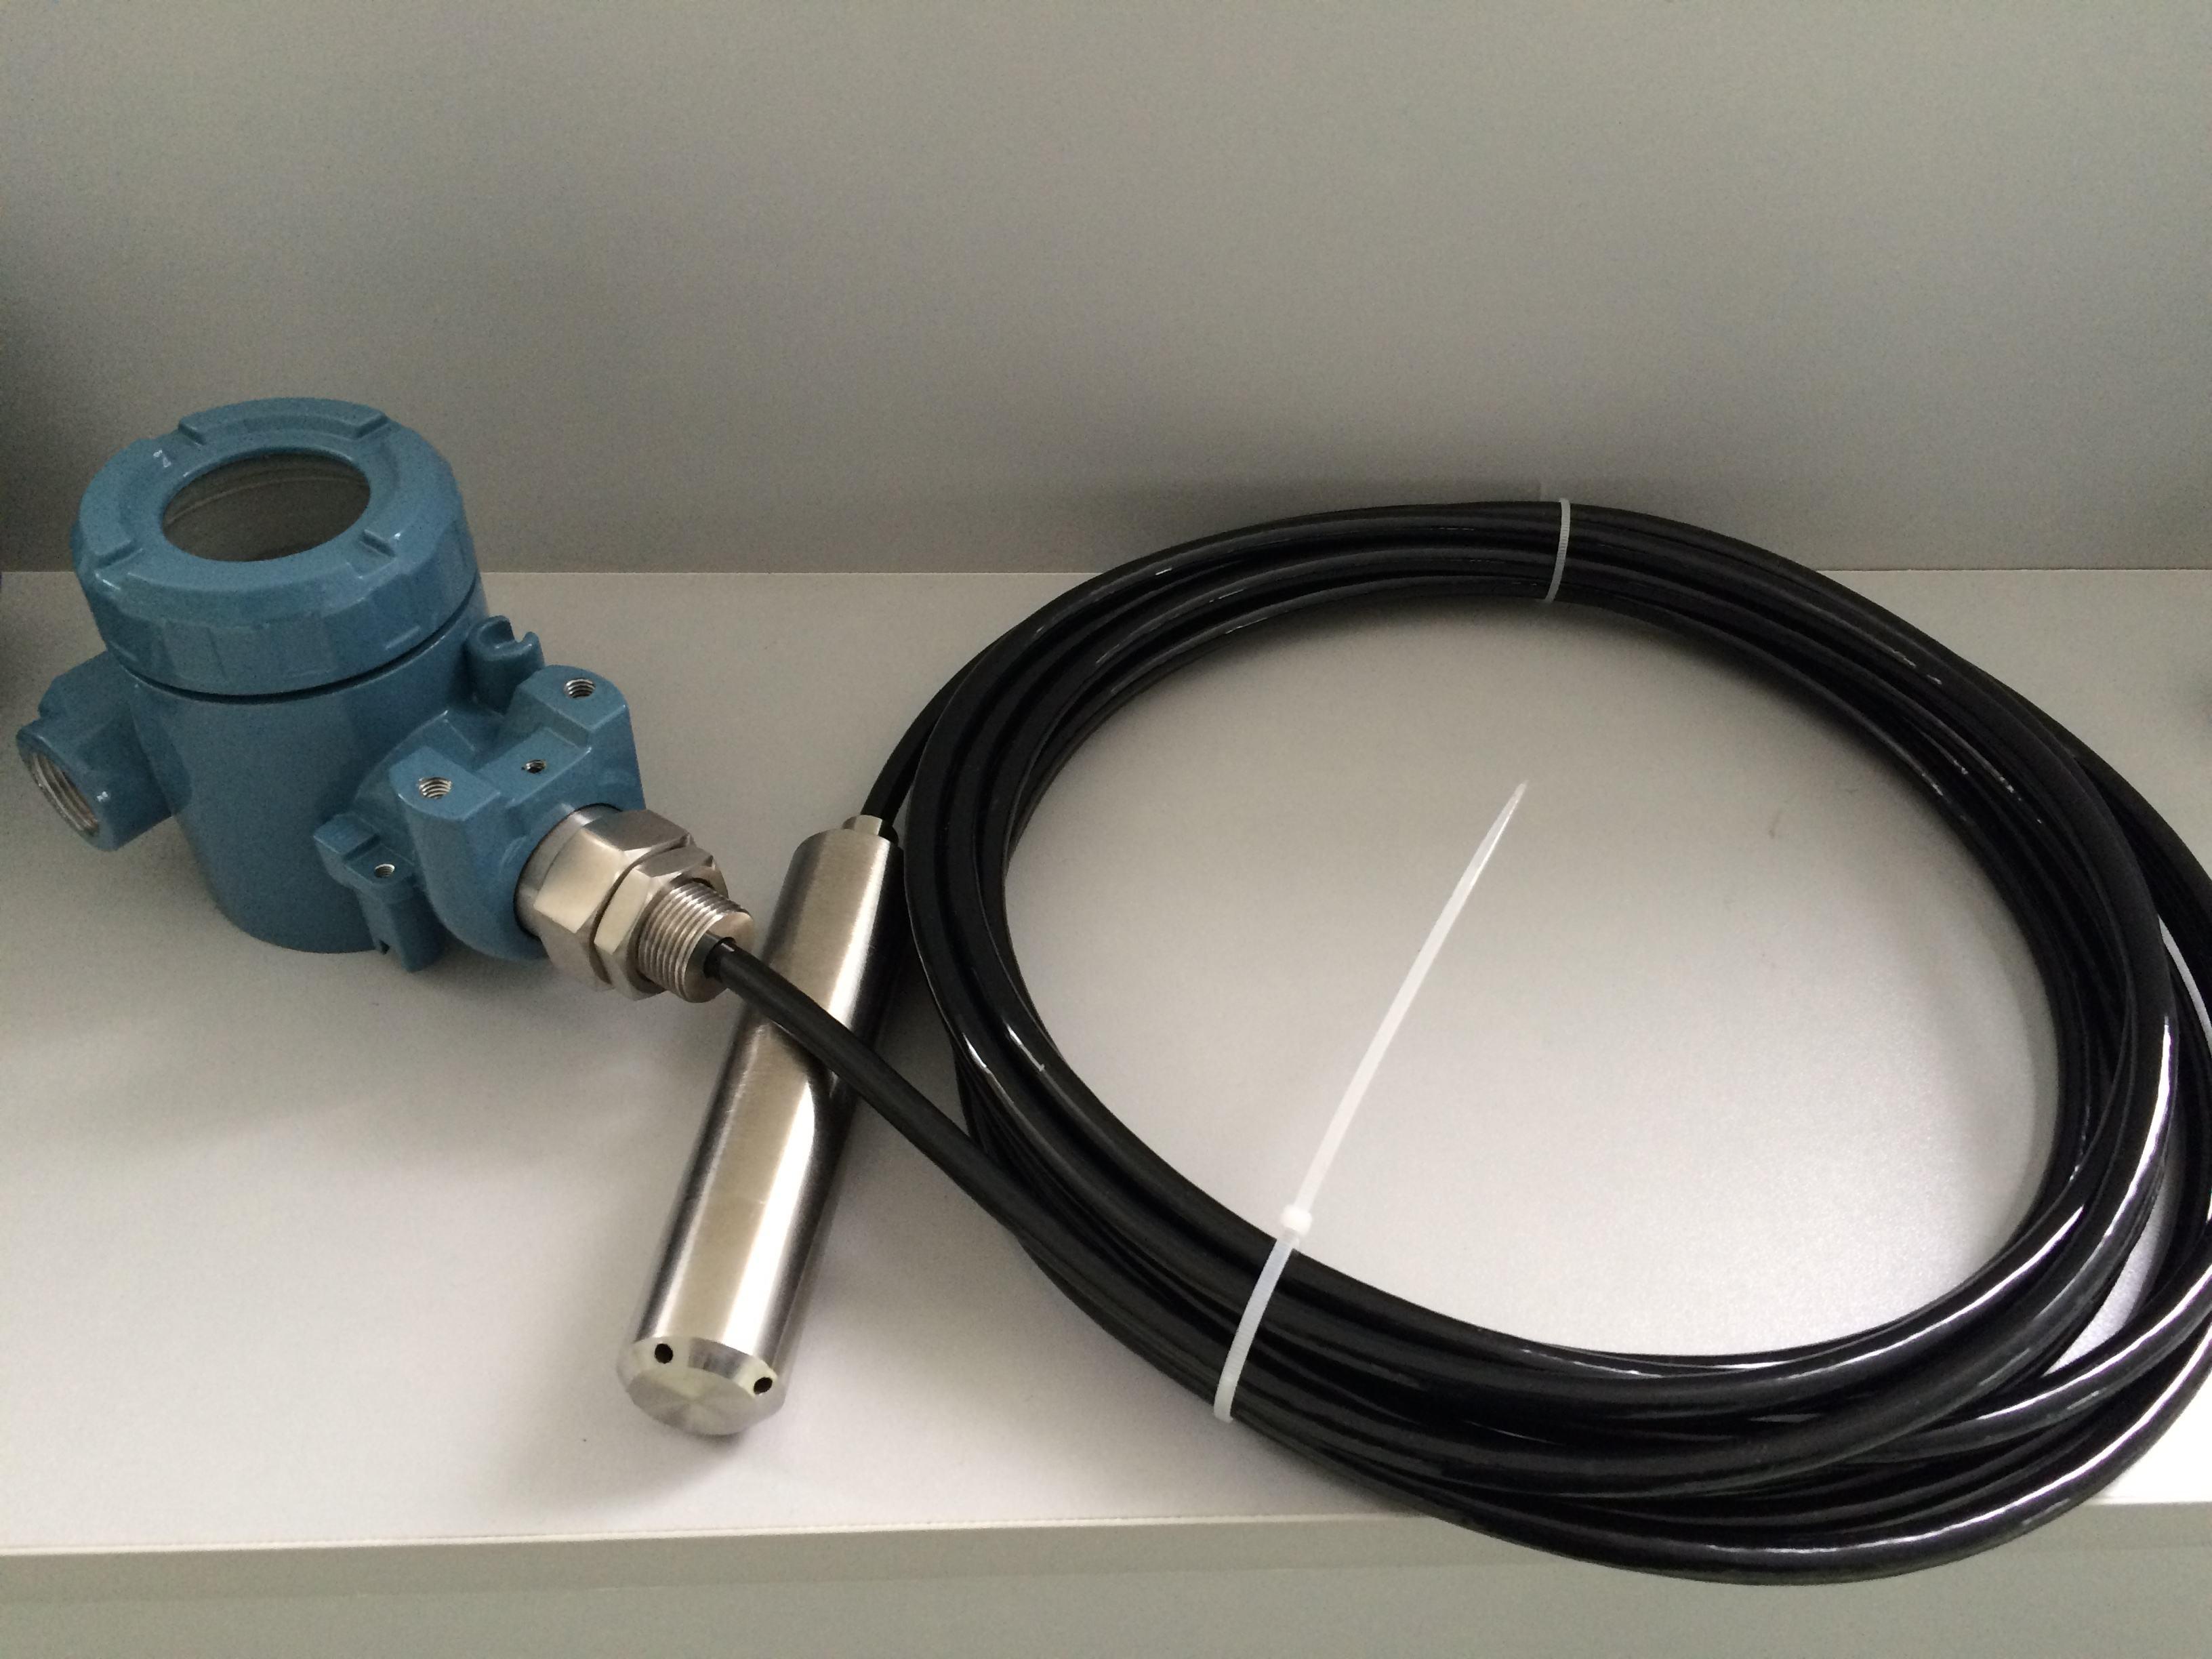 投入式液位计如何校准,投入式液位计校准方法